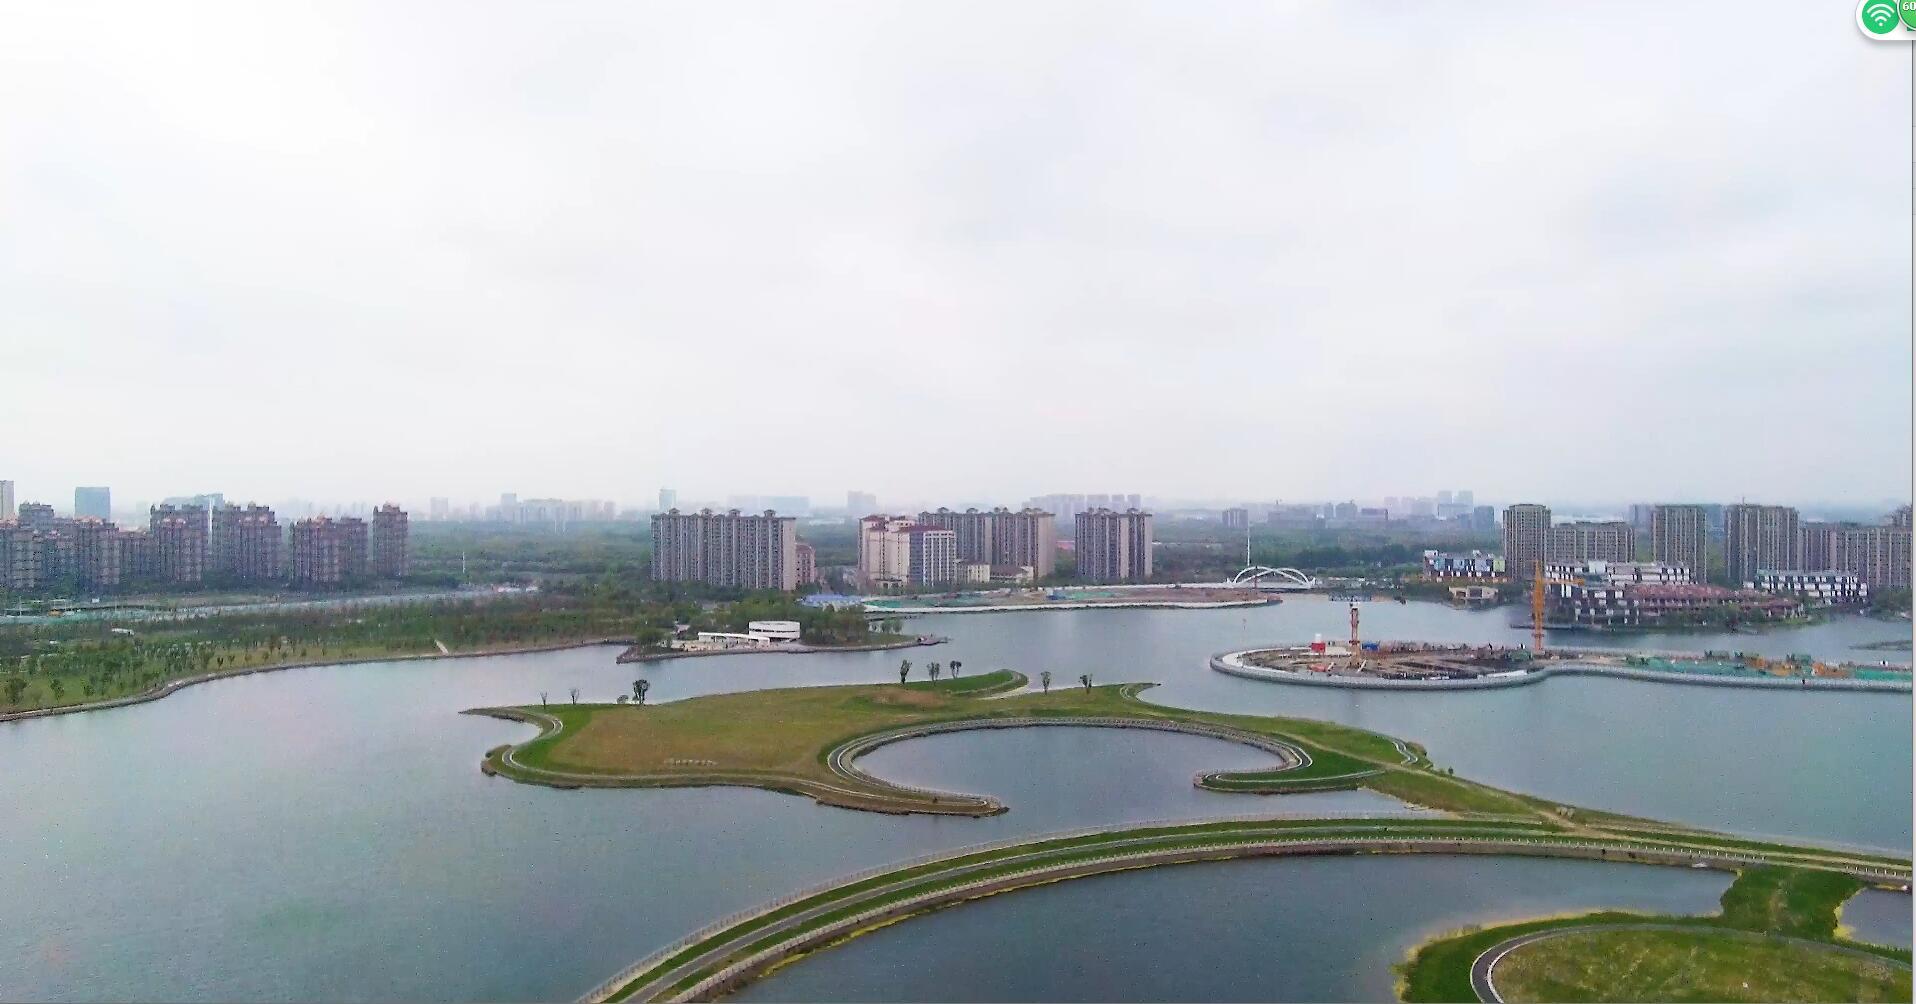 上海之鱼城市绿地俯拍航拍4k湖泊